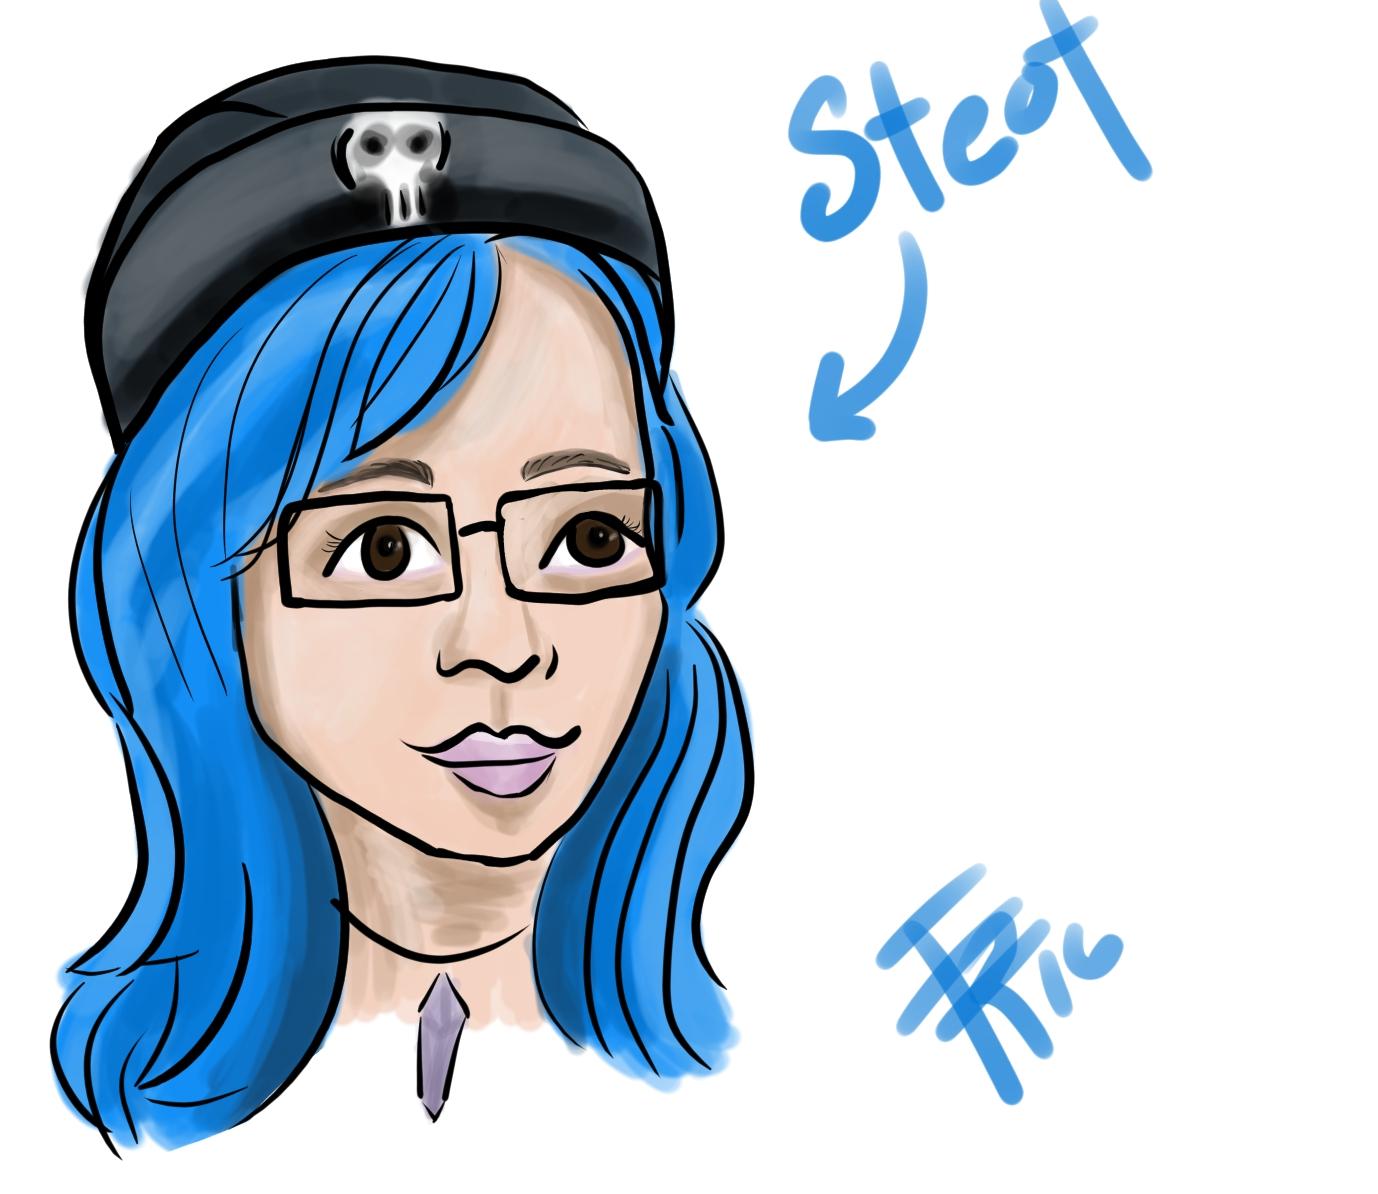 Steot Doodle